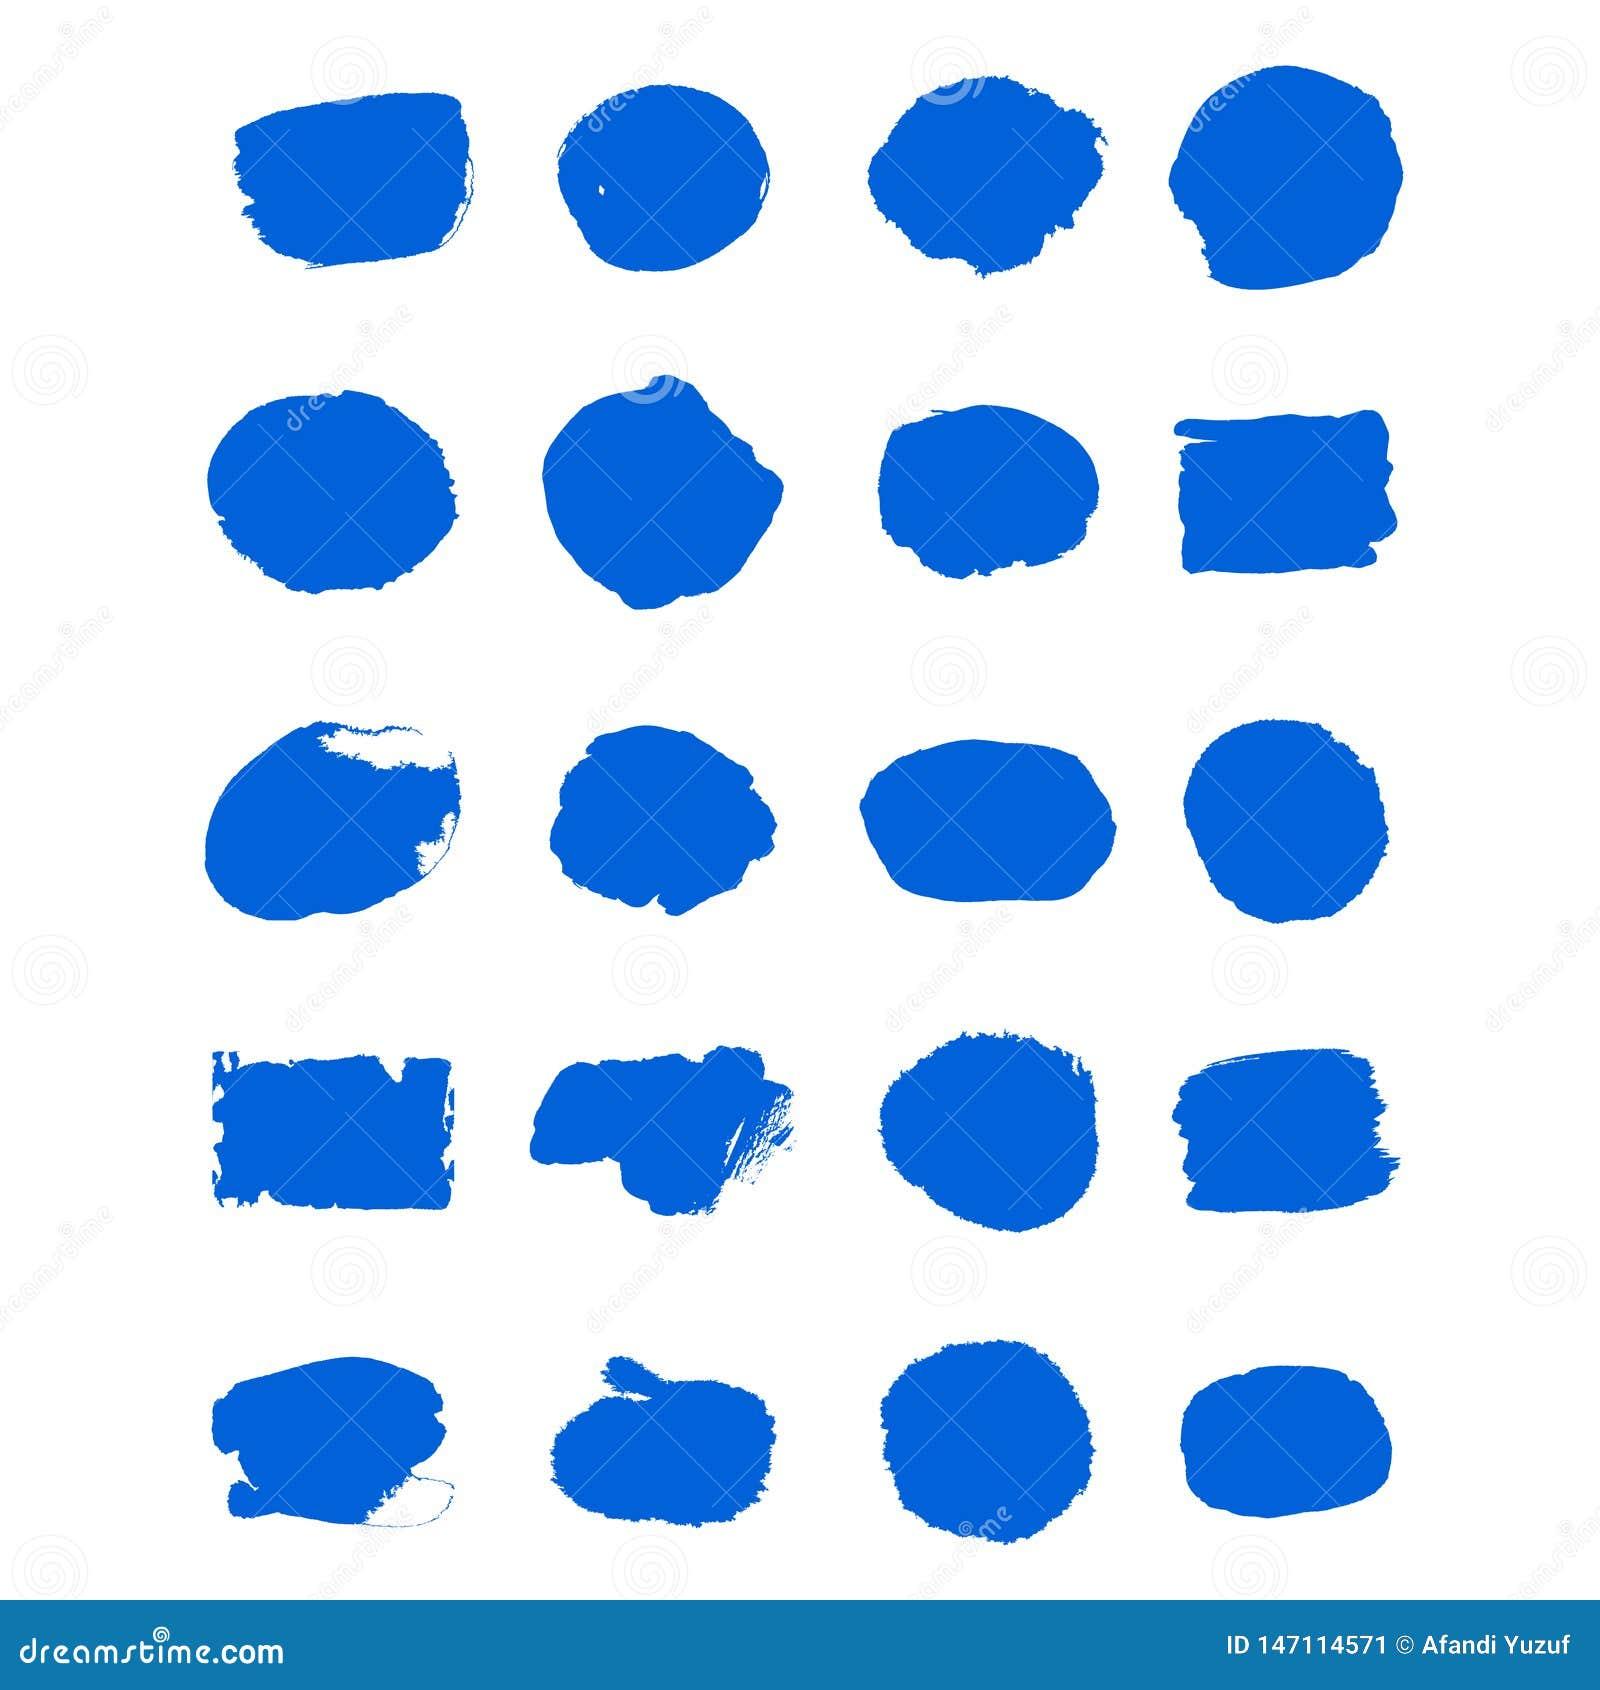 El movimiento de la brocha de la tinta azul del vector de la colecci?n fij? movimientos decorativos del cepillo del grunge exhaus